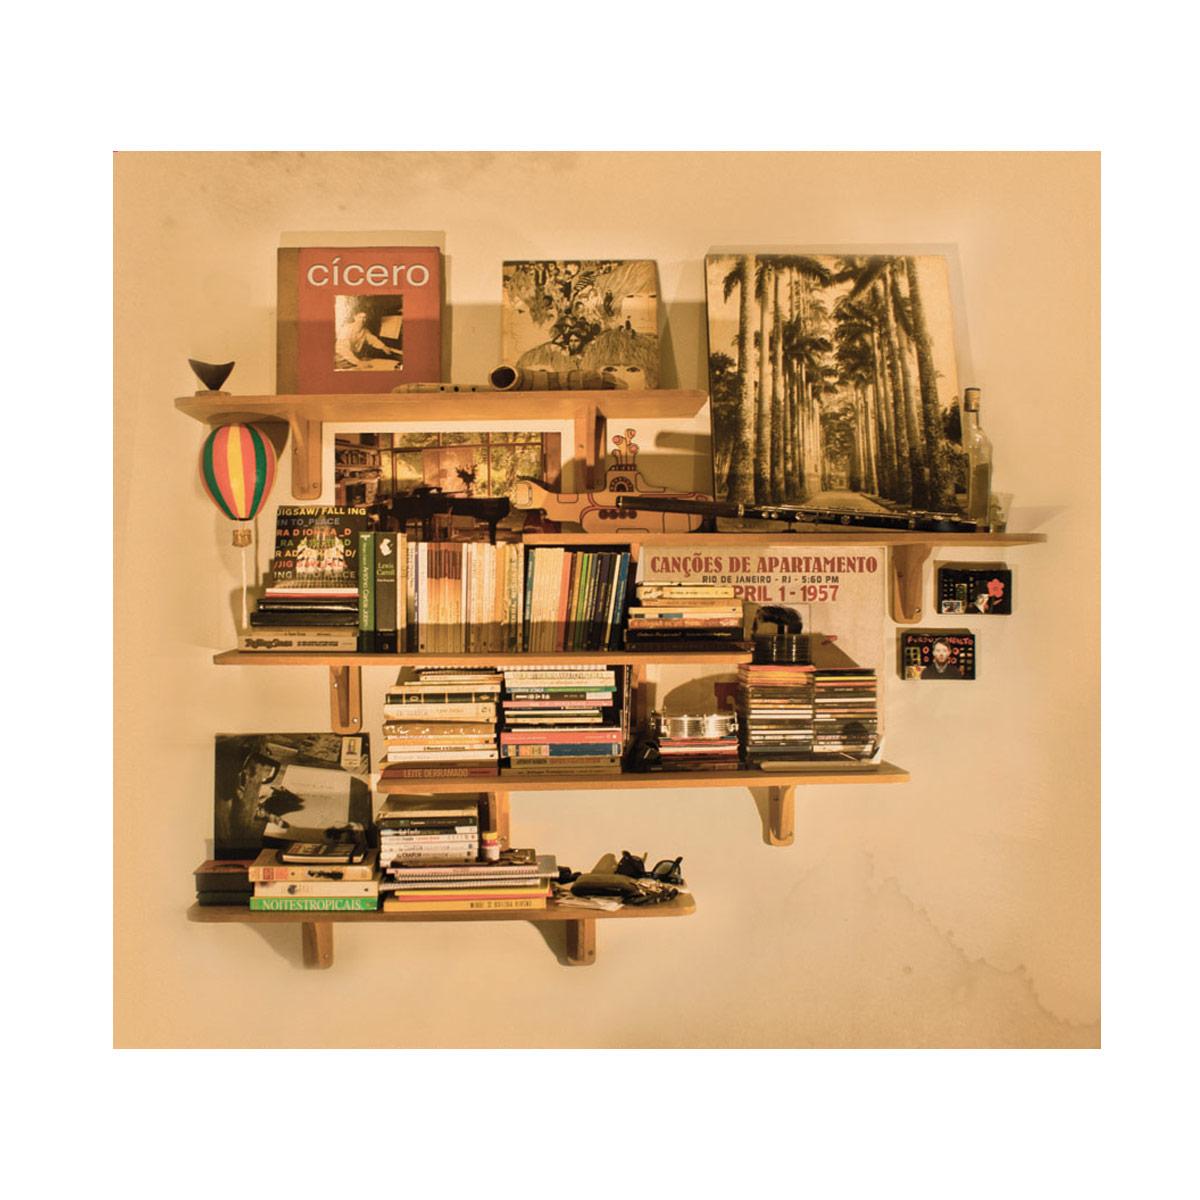 LP Cícero Canções de Apartamento